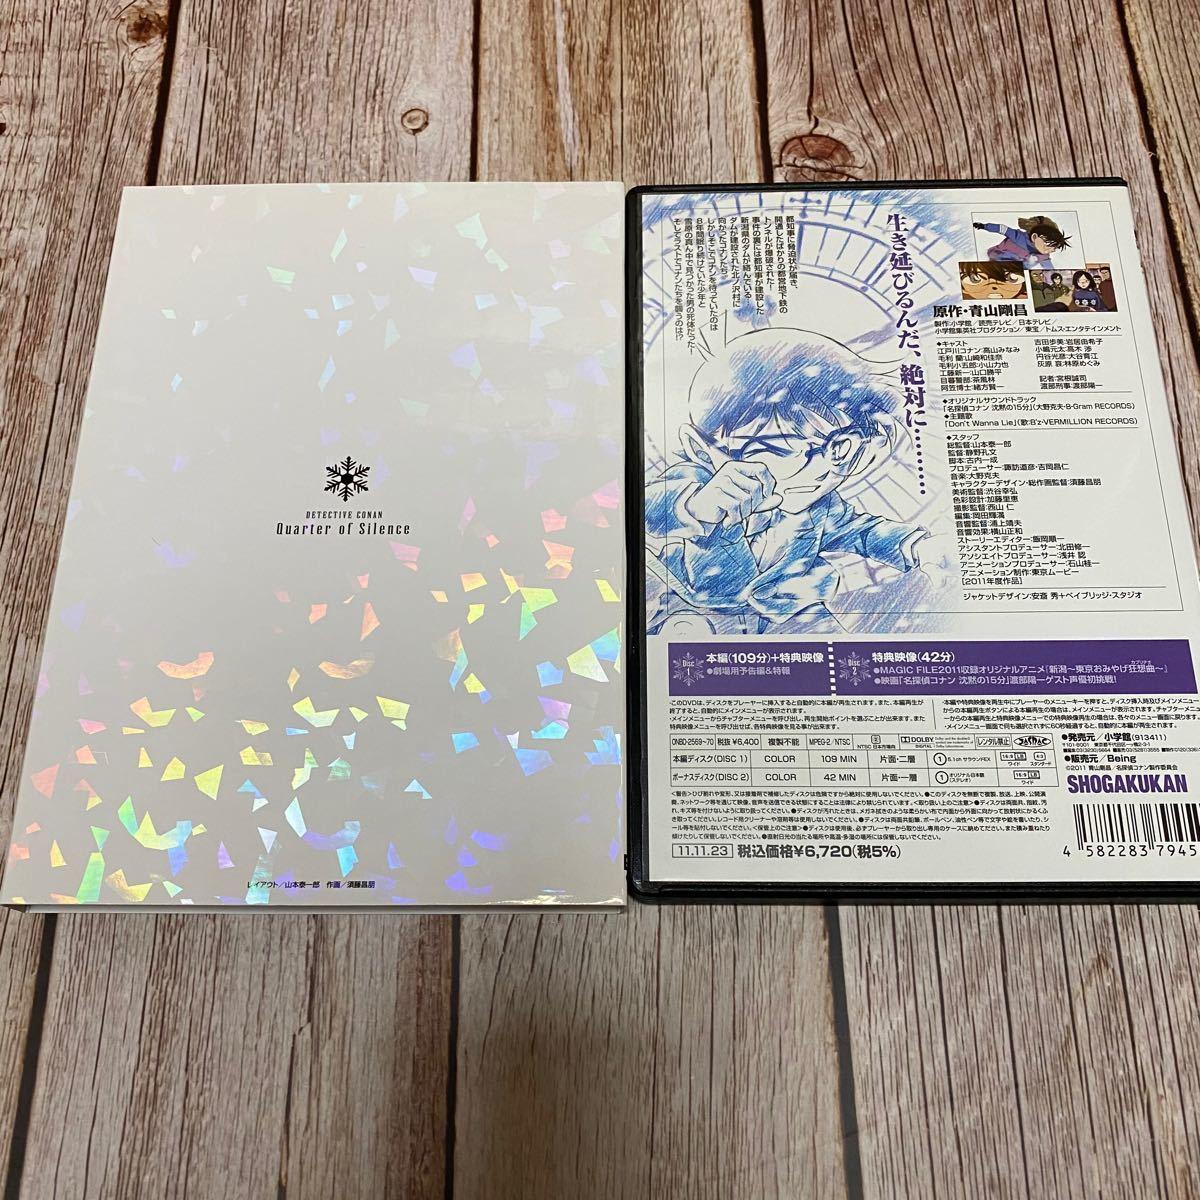 劇場版 名探偵コナン 沈黙の15分 スペシャルエディション (初回限定版)